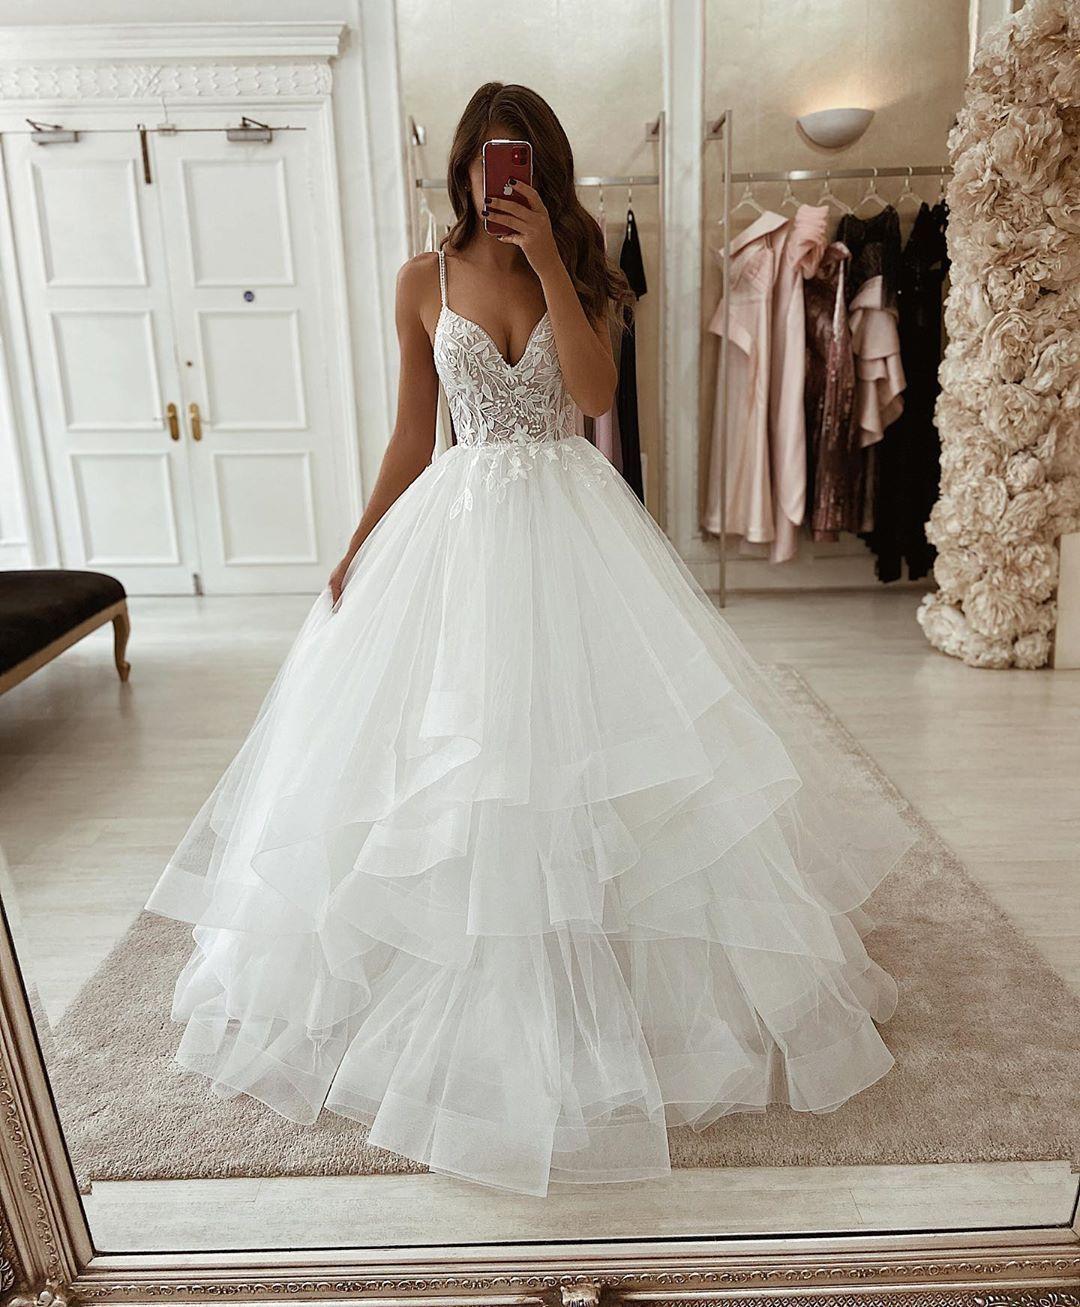 Wundervolle Brautkleider aus der Kollektion Destination Romance 2019 von Demetri… – Welcome to Blog